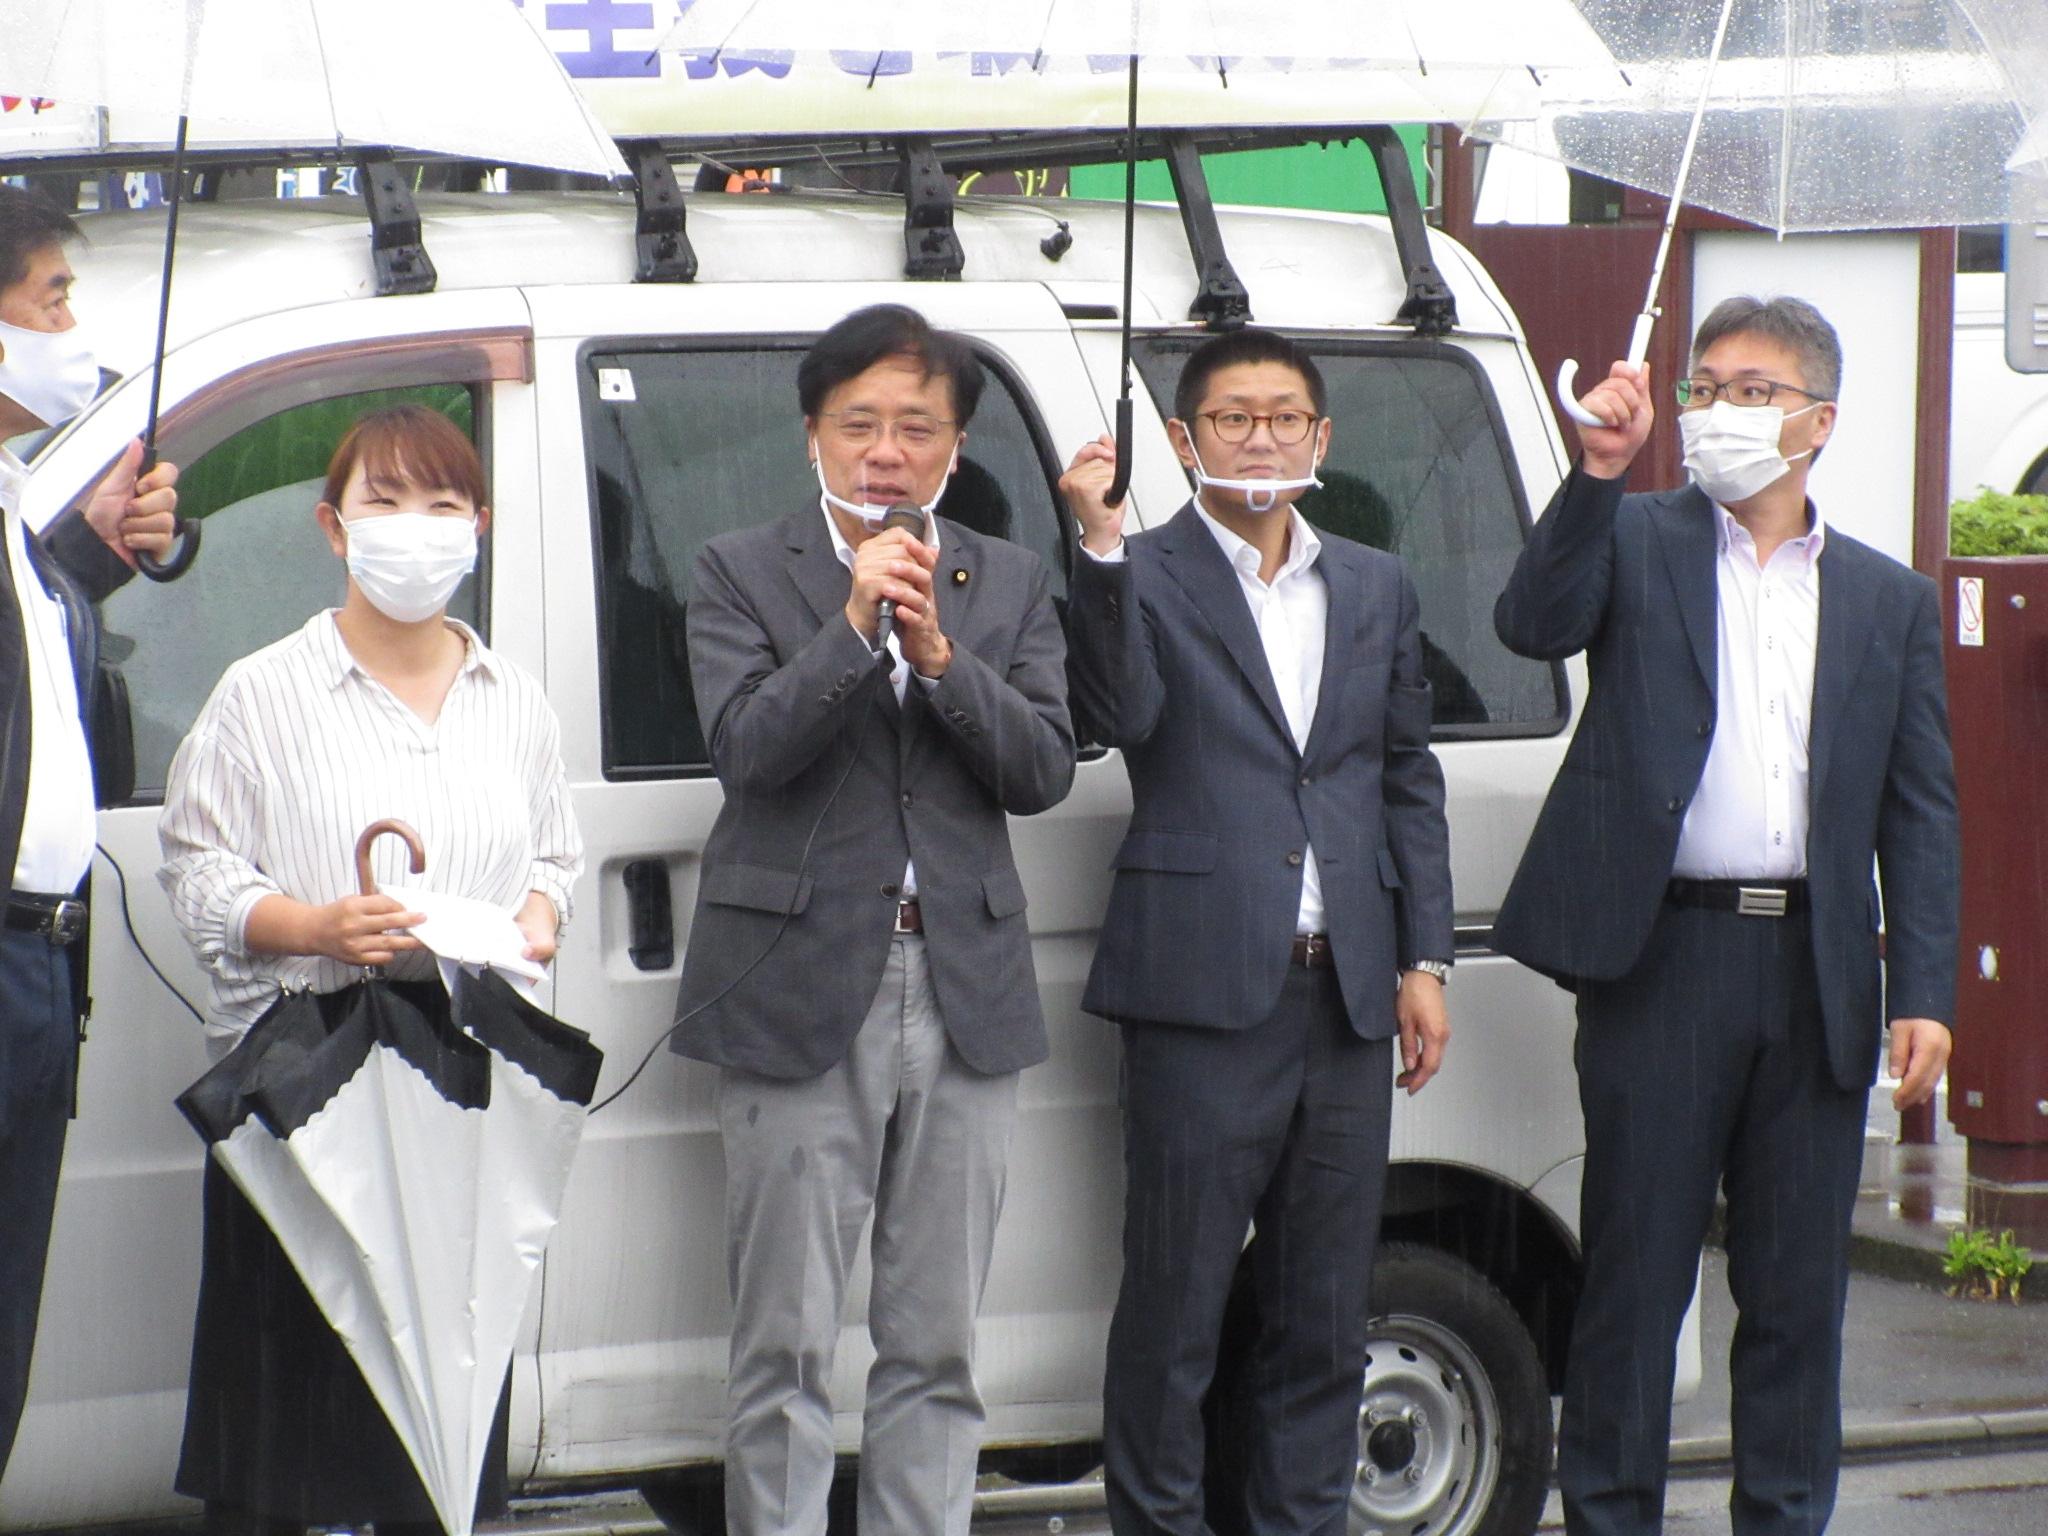 http://www.inoue-satoshi.com/diary/IMG_0897.JPG